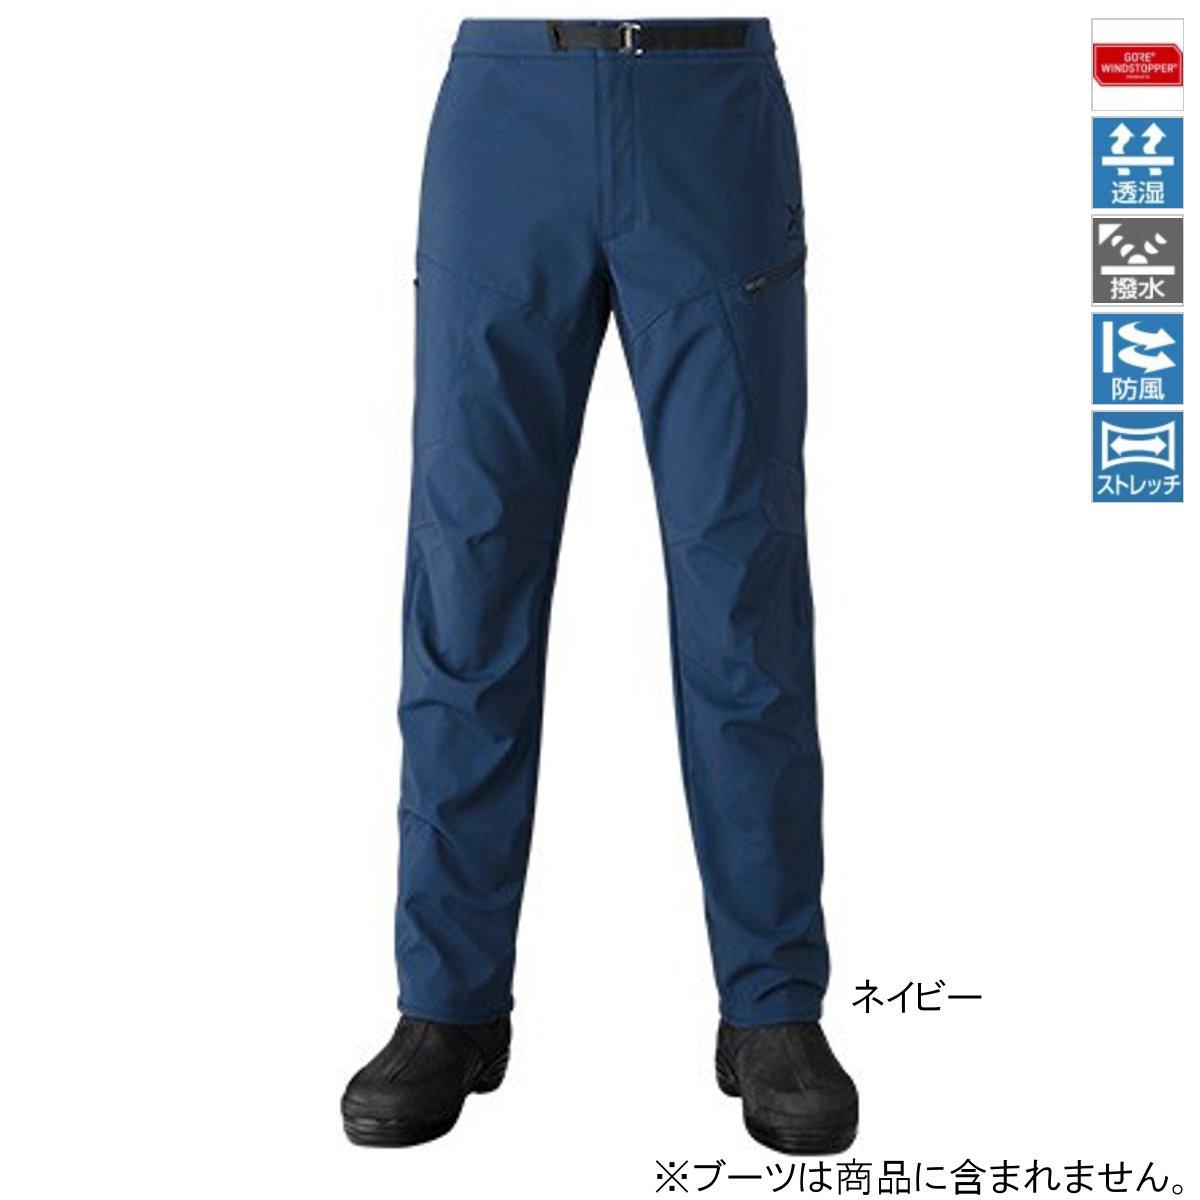 シマノ XEFO GORE WINDSTOPPER ボトム PA-241R L ネイビー【送料無料】